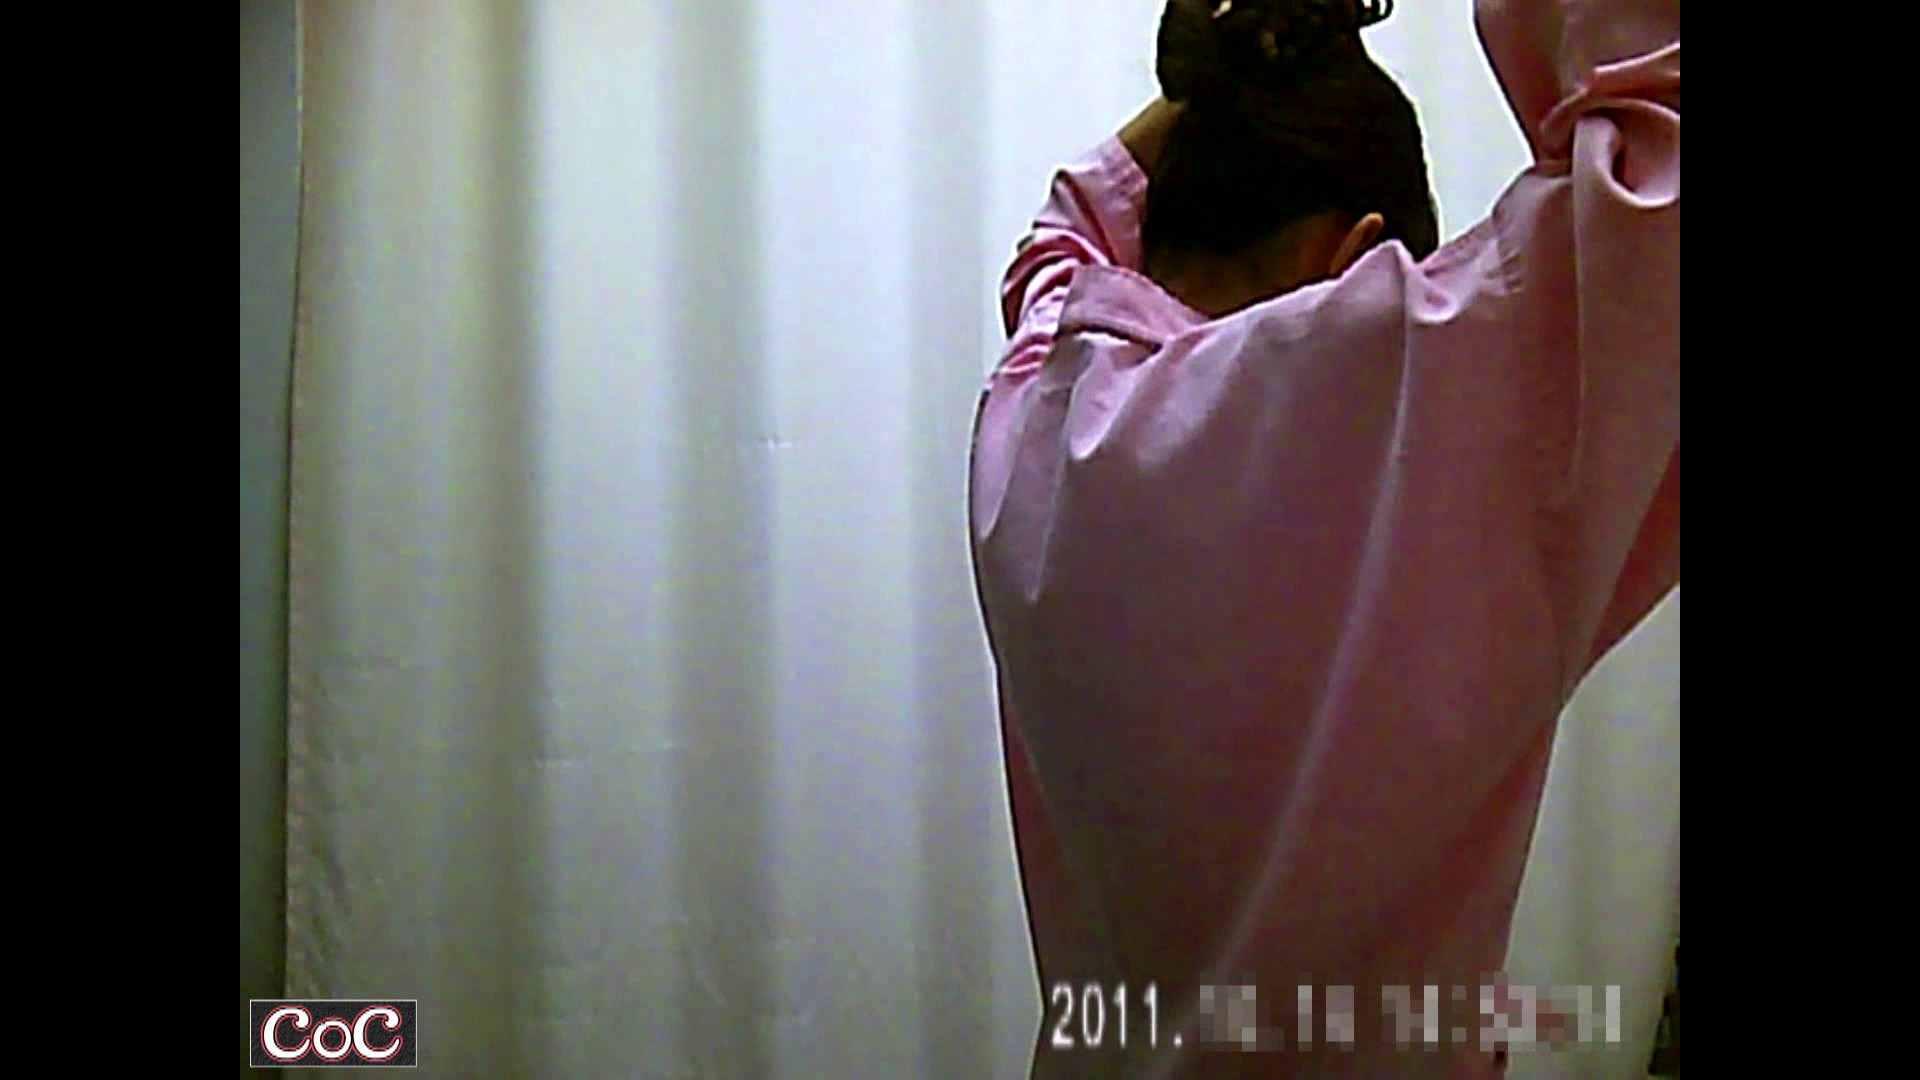 病院おもいっきり着替え! vol.59 おっぱい オメコ無修正動画無料 81pic 80